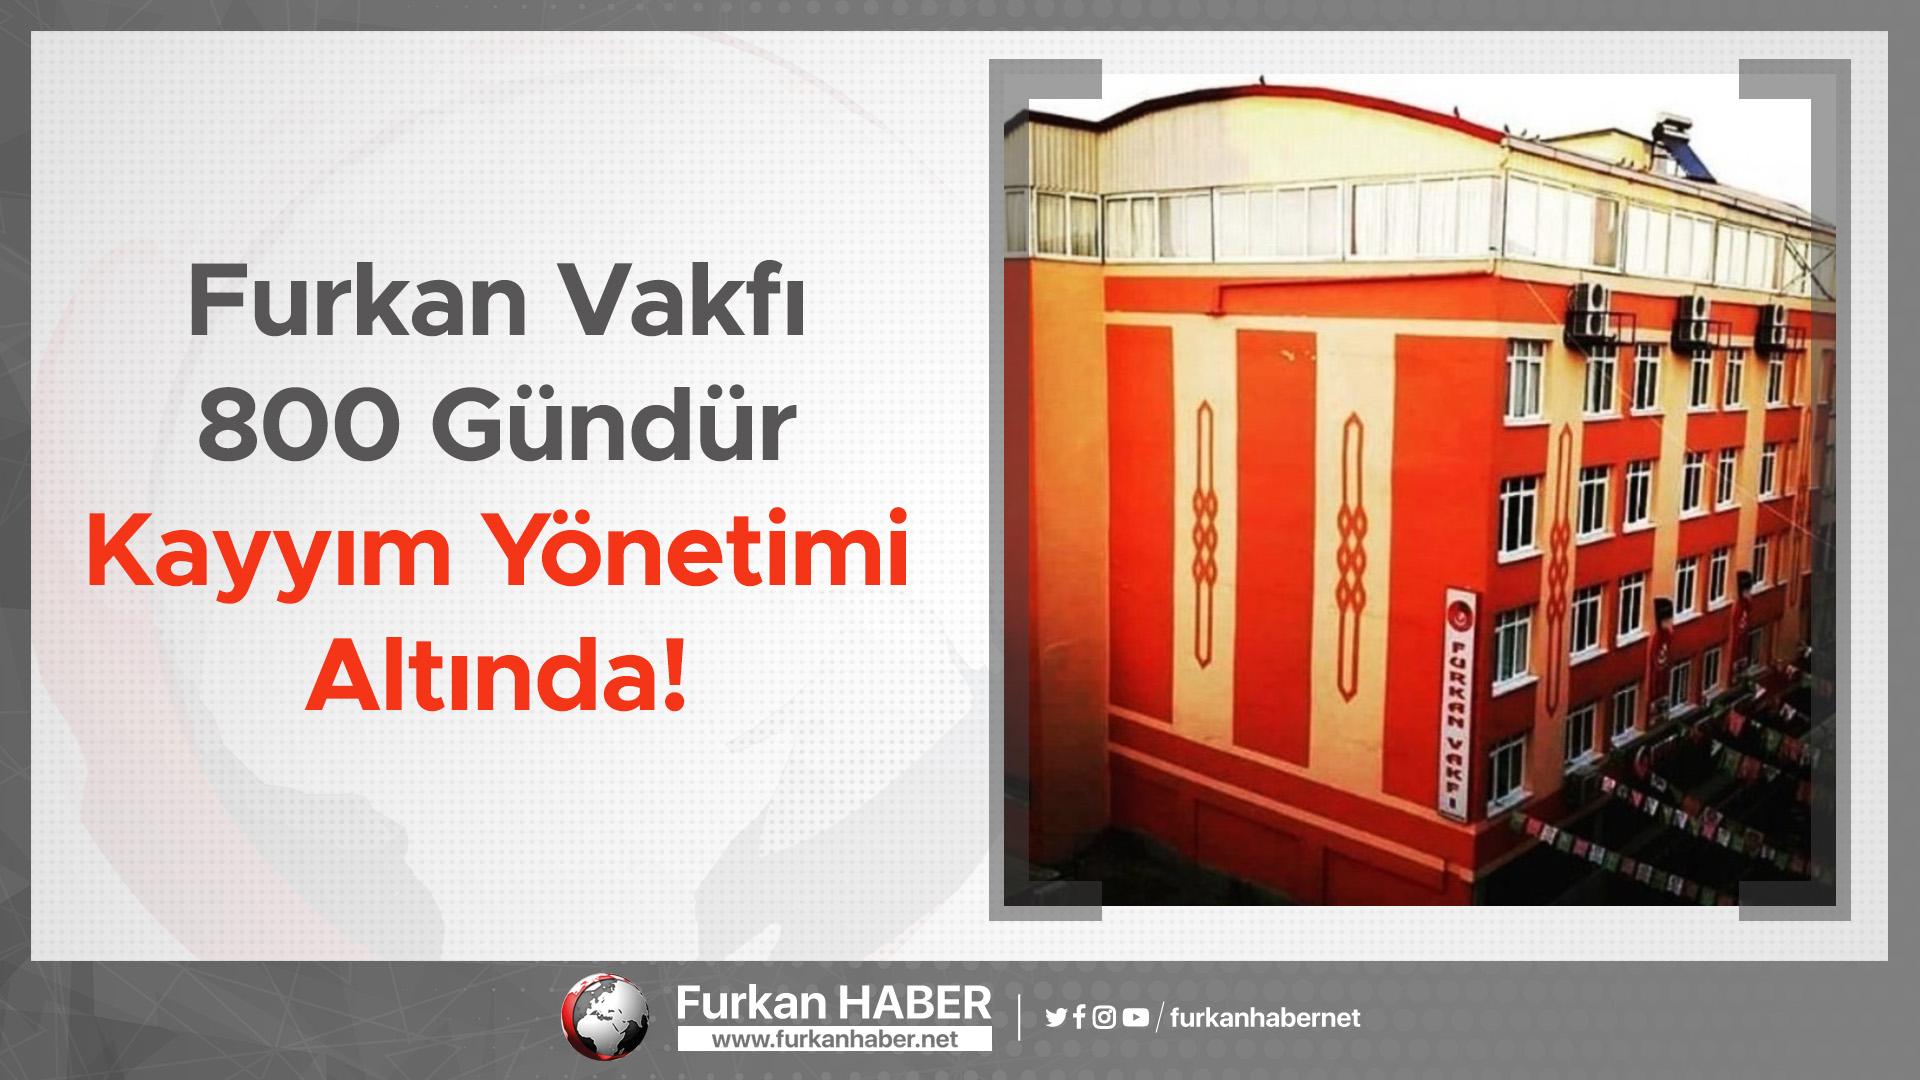 Furkan Vakfı 800 Gündür Kayyım Yönetimi Altında!